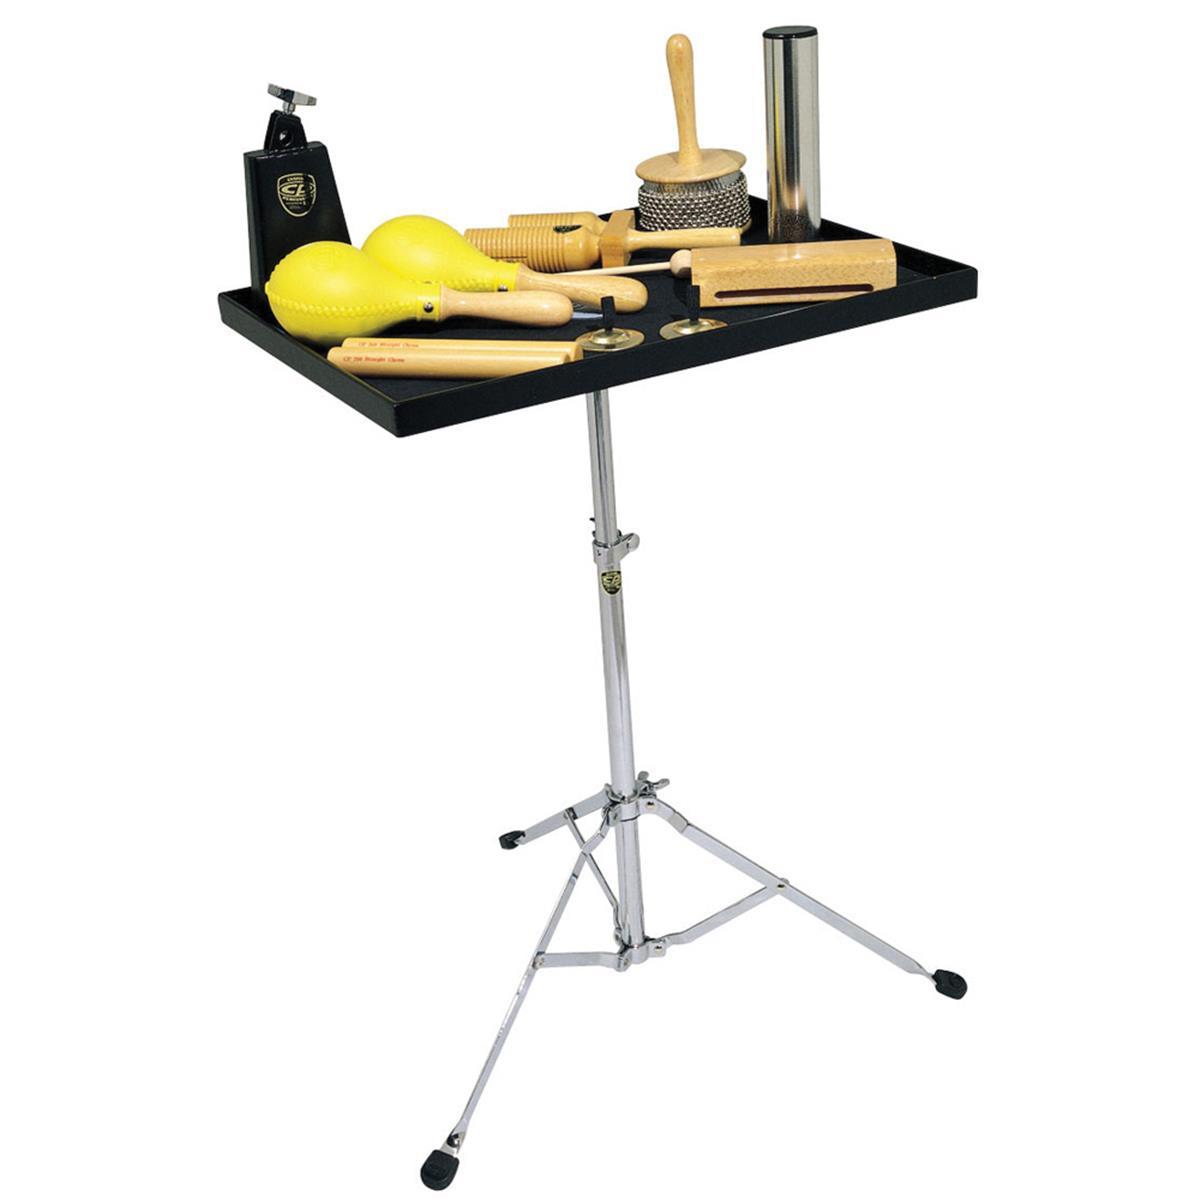 Jeux Et Jouets Instruments De Musique Table Percussion dedans Jeu Des Instruments De Musique